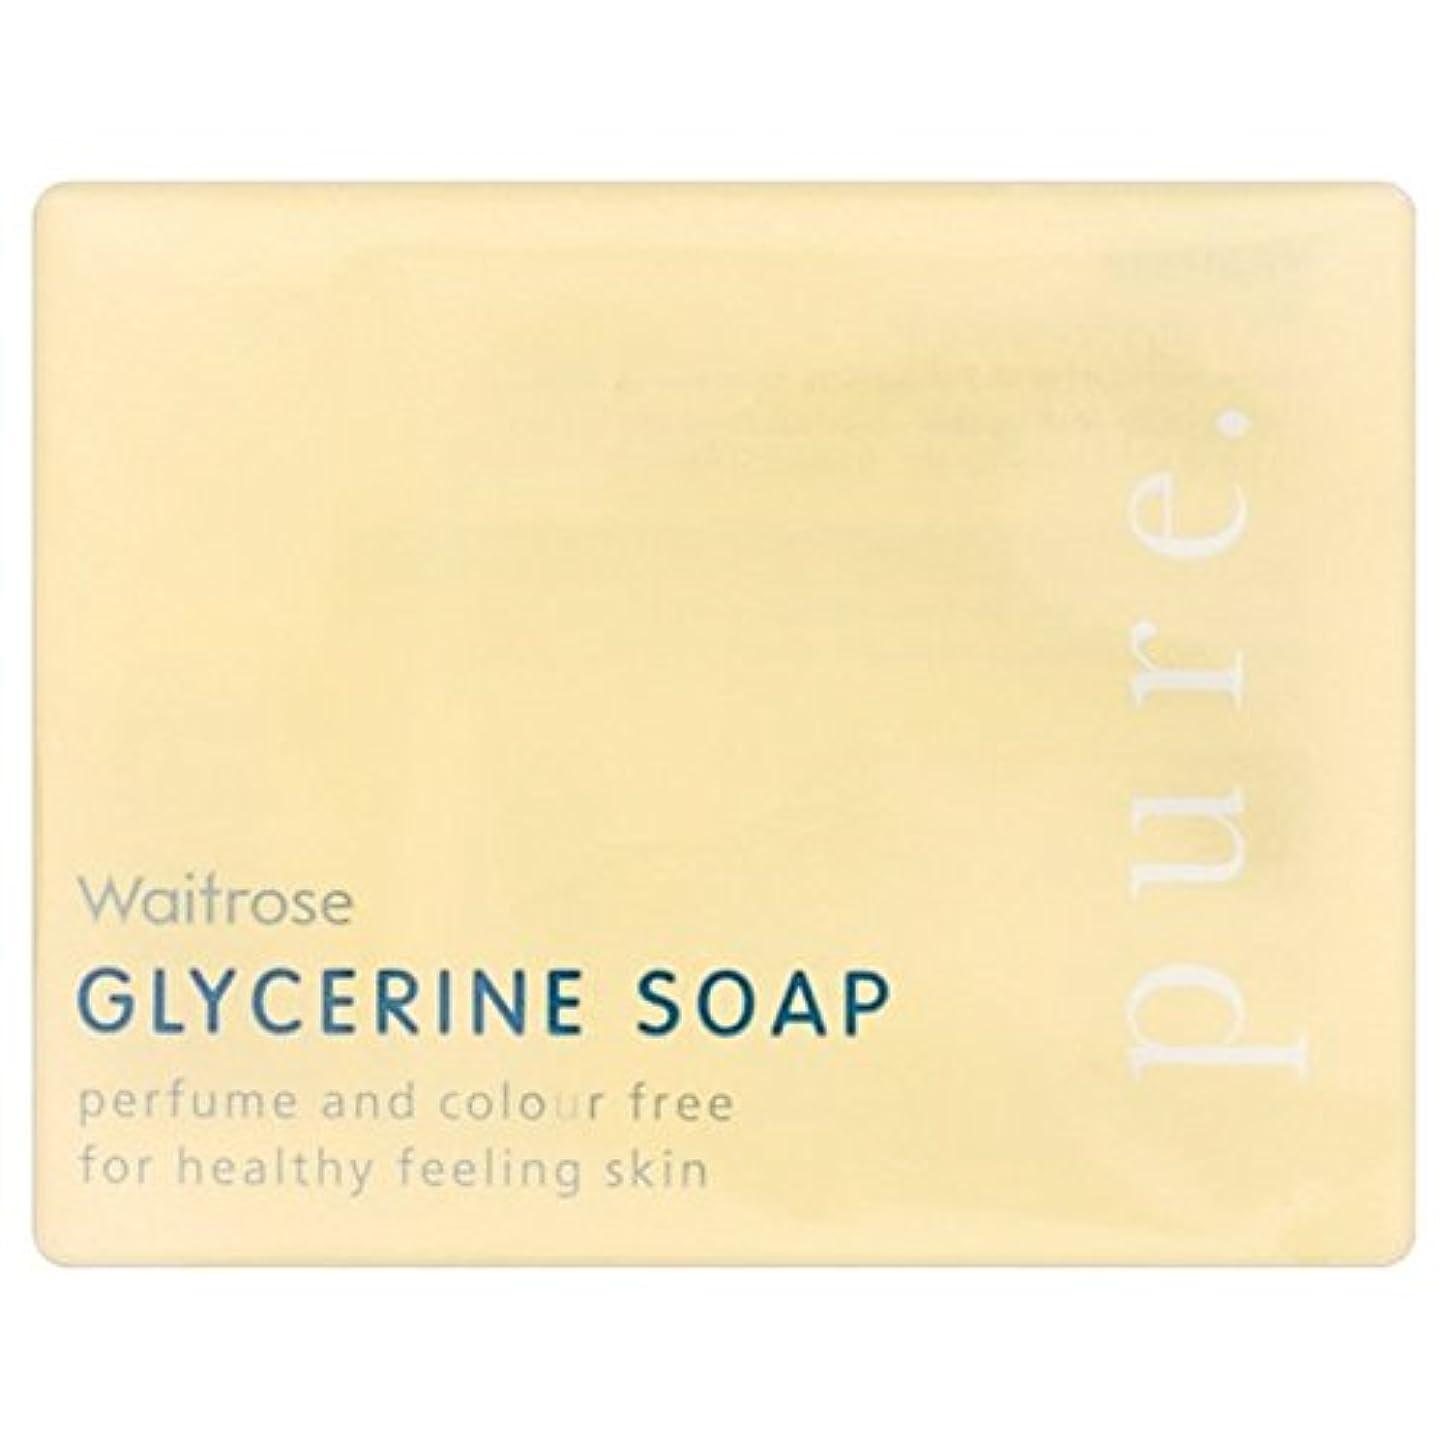 ラテン次へ利点純粋なグリセリンソープウェイトローズの100グラム x2 - Pure Glycerine Soap Waitrose 100g (Pack of 2) [並行輸入品]